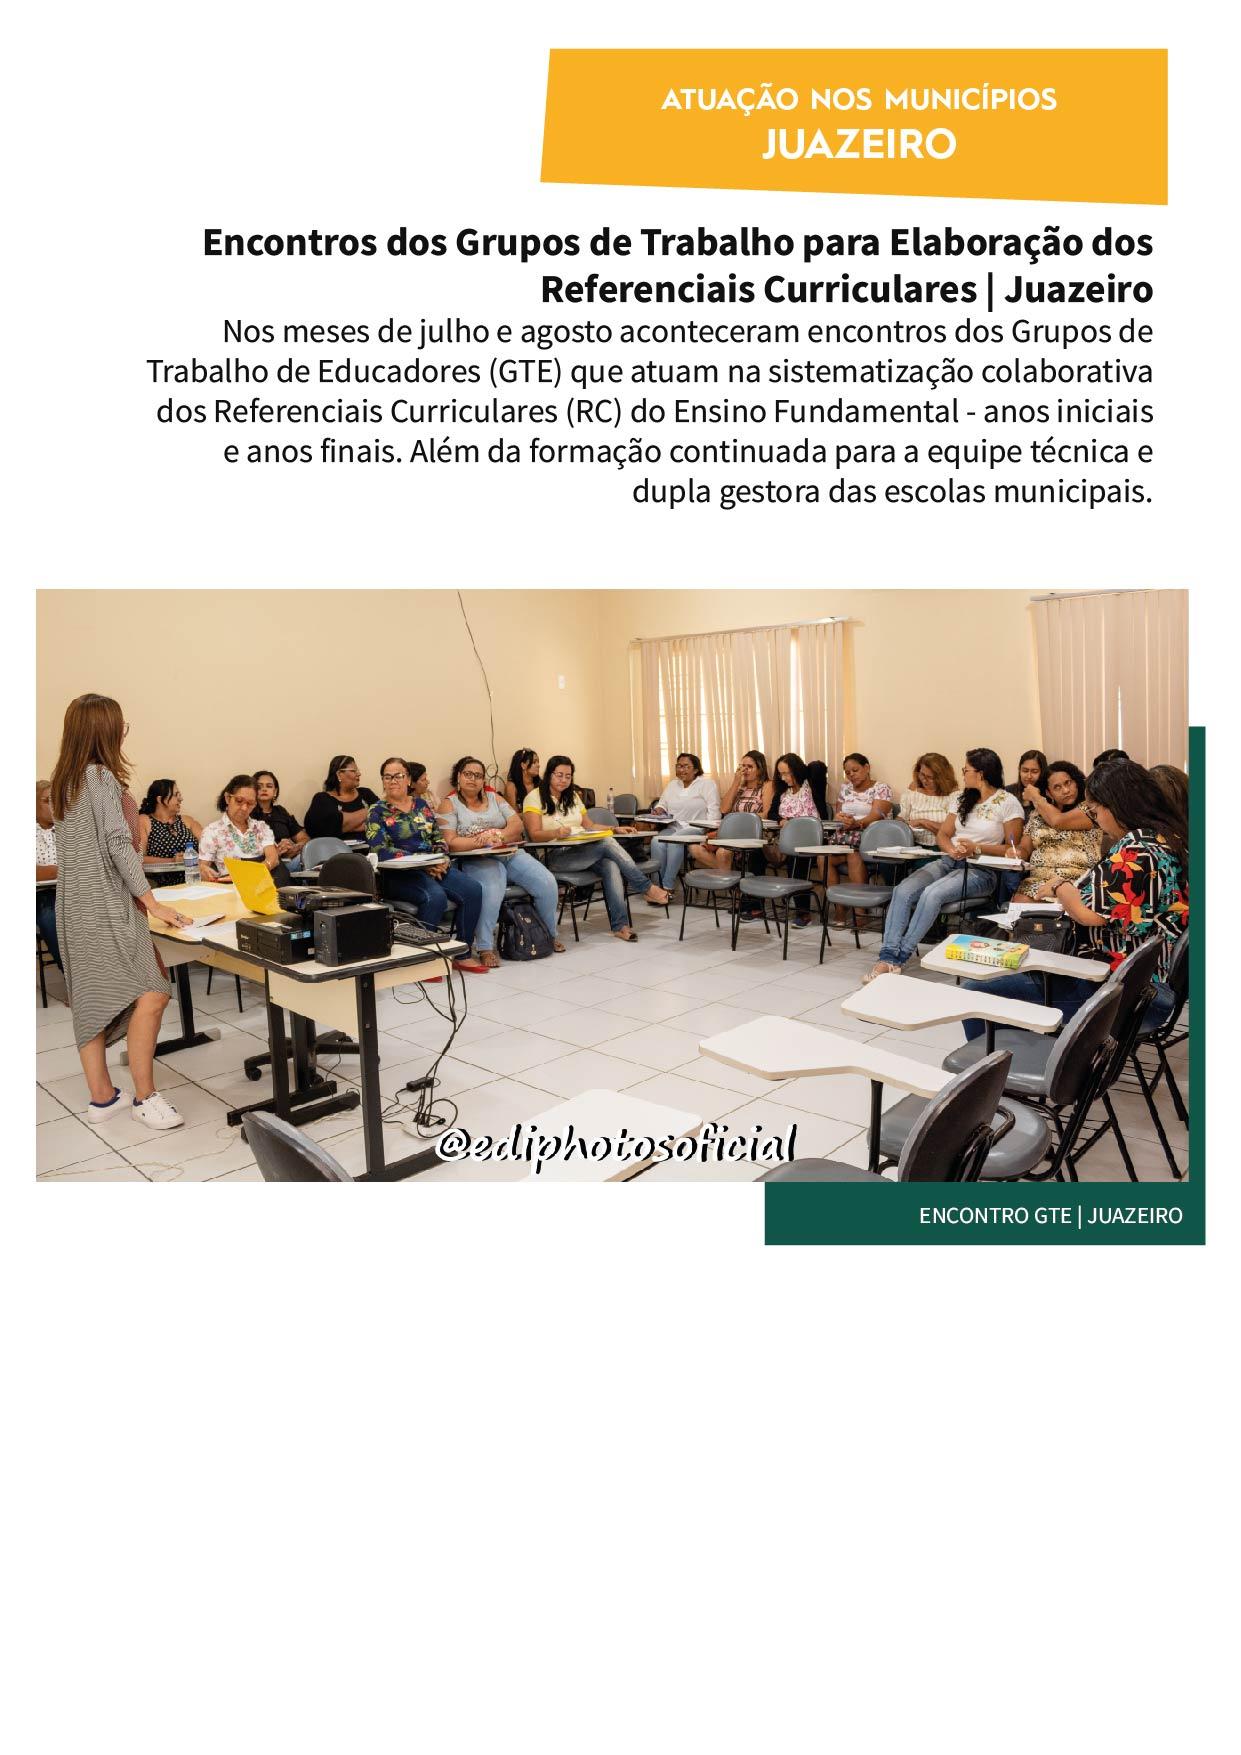 ICEP - Boletim edição 2, versão web_Ações Internas (1)